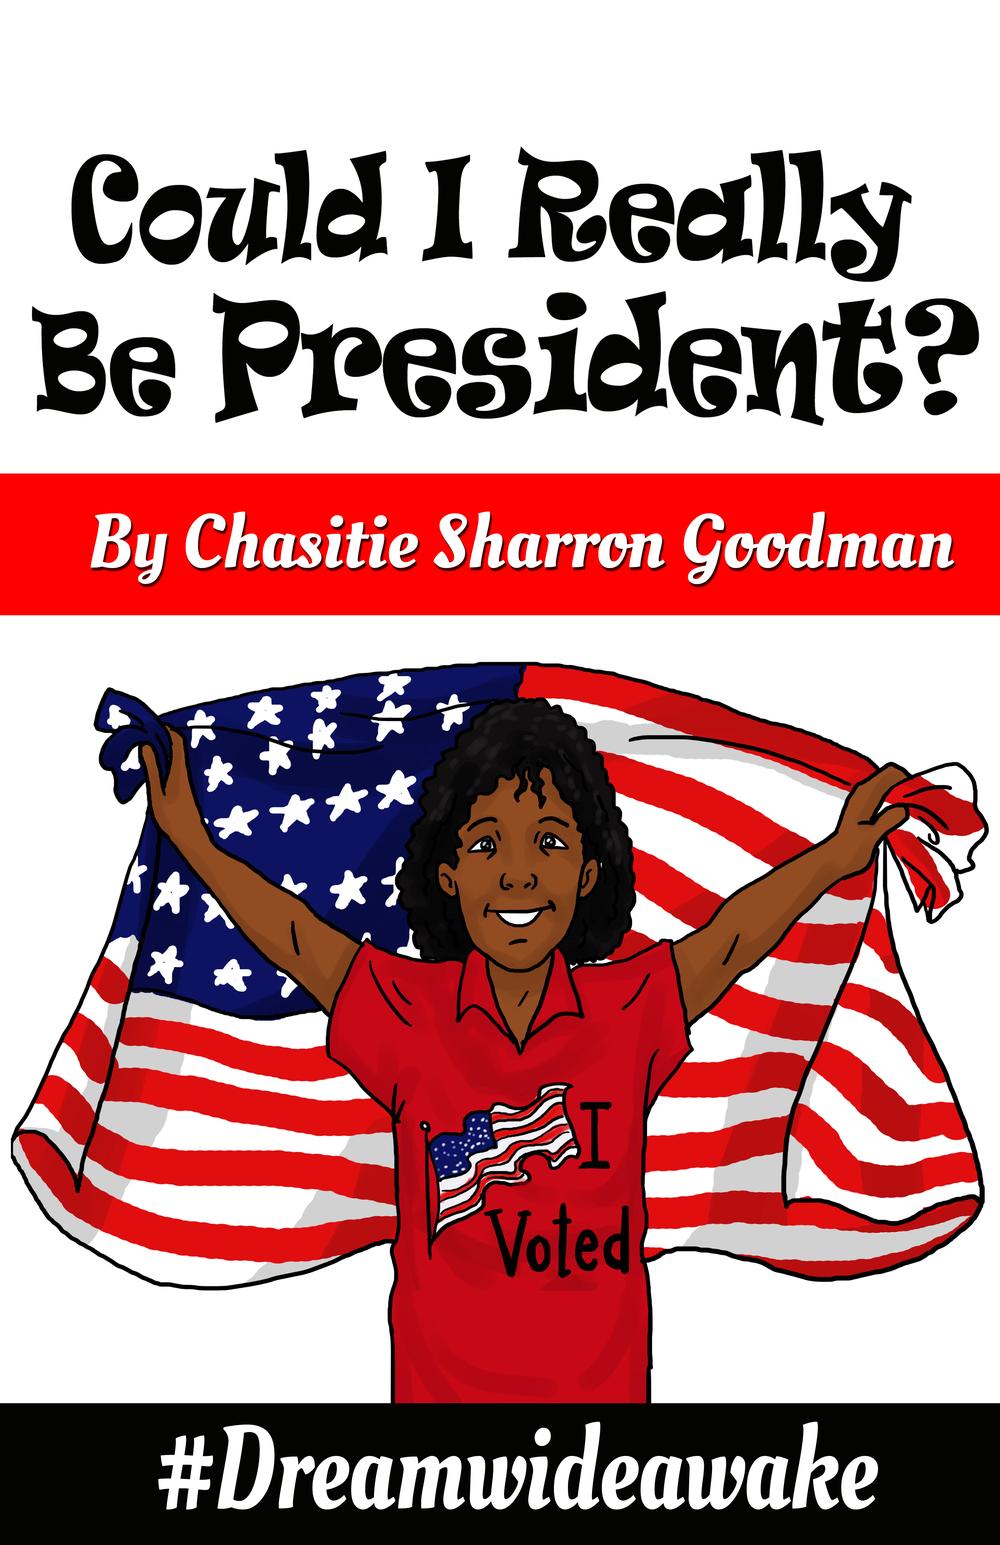 http://store.bookbaby.com/book/chasitiesgoodman